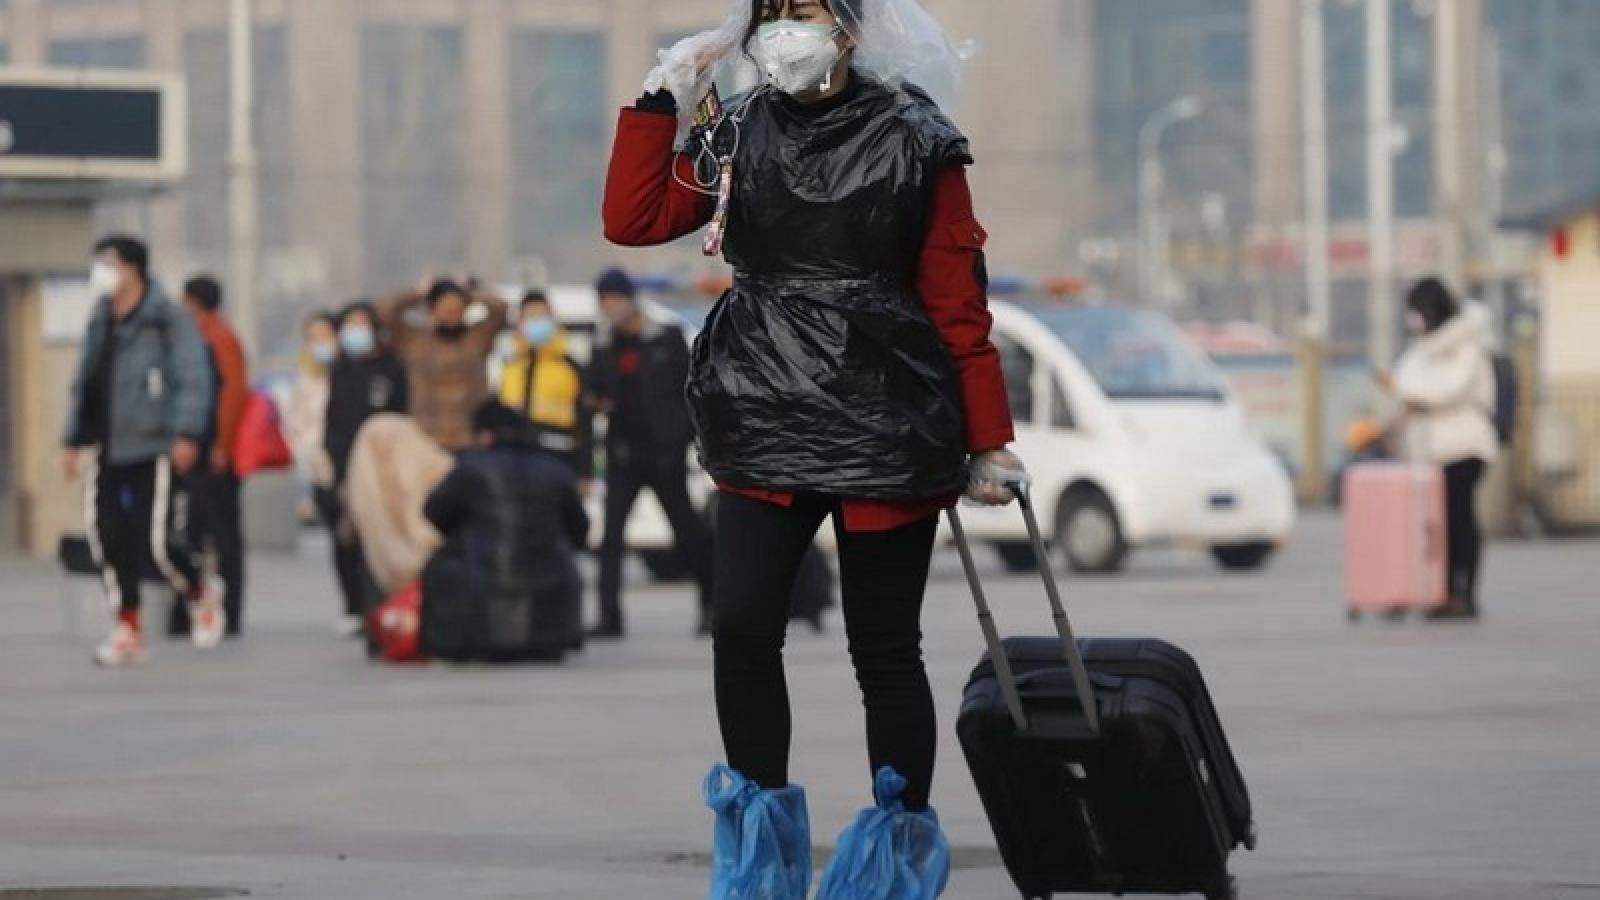 Trung Quốc ra quy định mới với người nhập cảnh qua đường hàng không